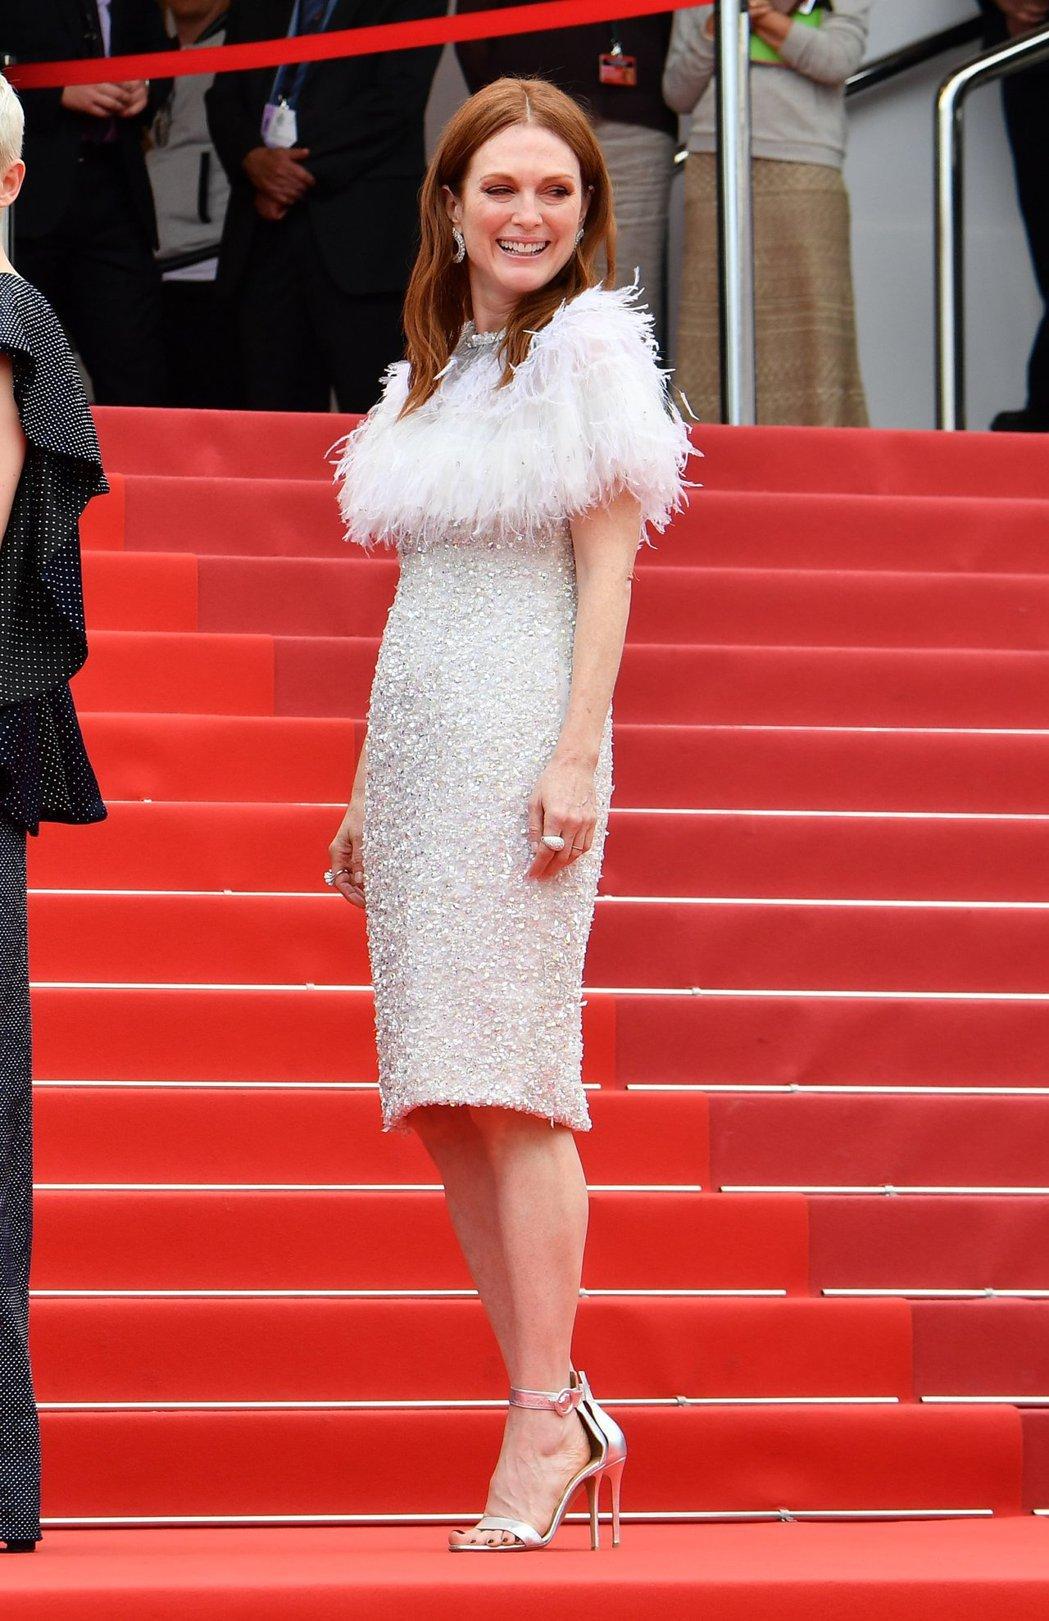 茱莉安摩爾穿著香奈兒2017春夏高級訂製羽飾與白色荷葉波浪設計淺灰色洋裝現身主演